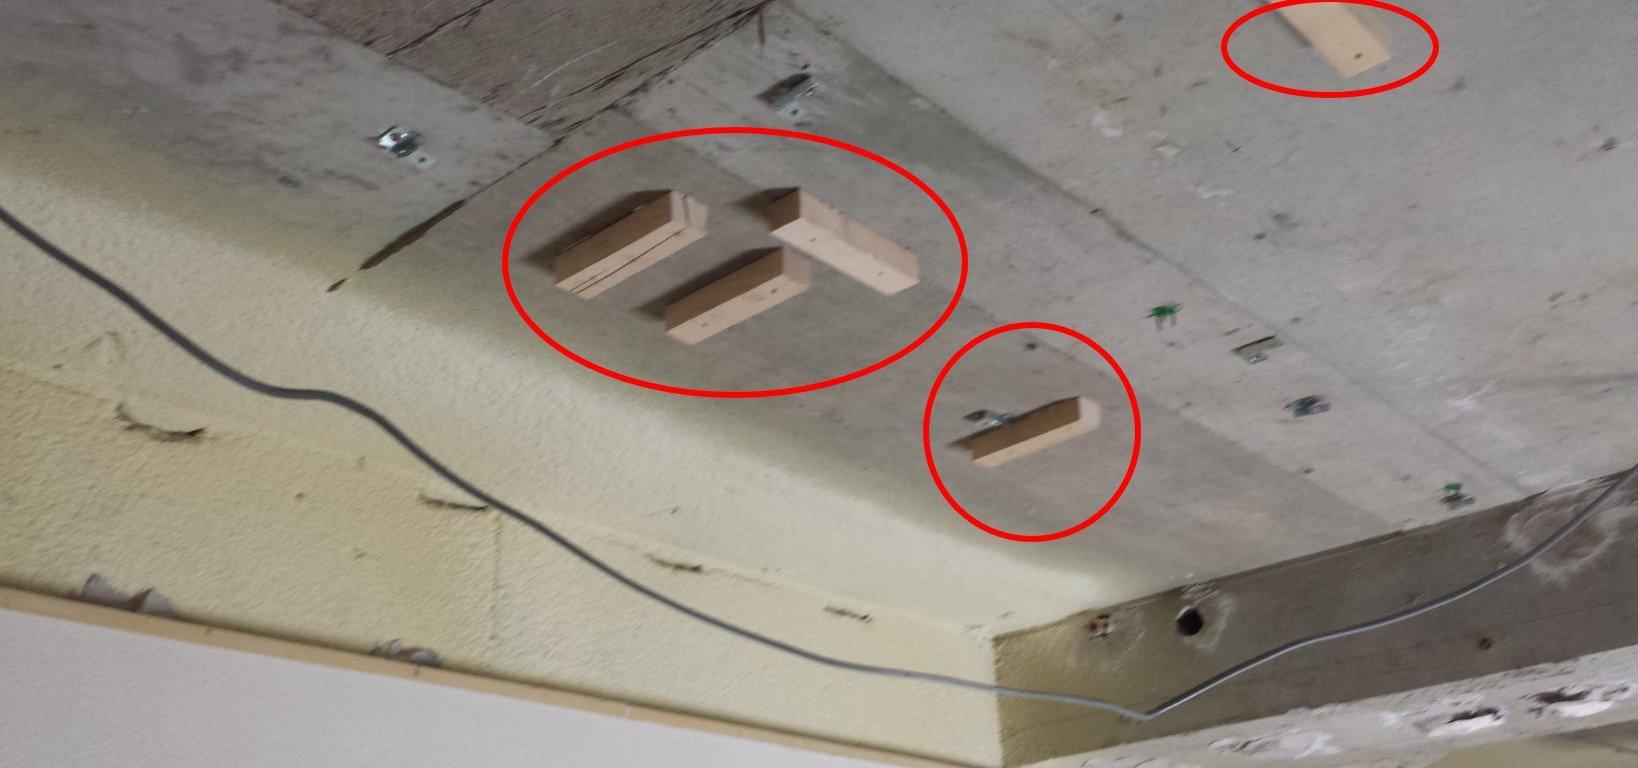 1階。トイレと造作リネン庫設置場所の天井に取り付けられた木片。